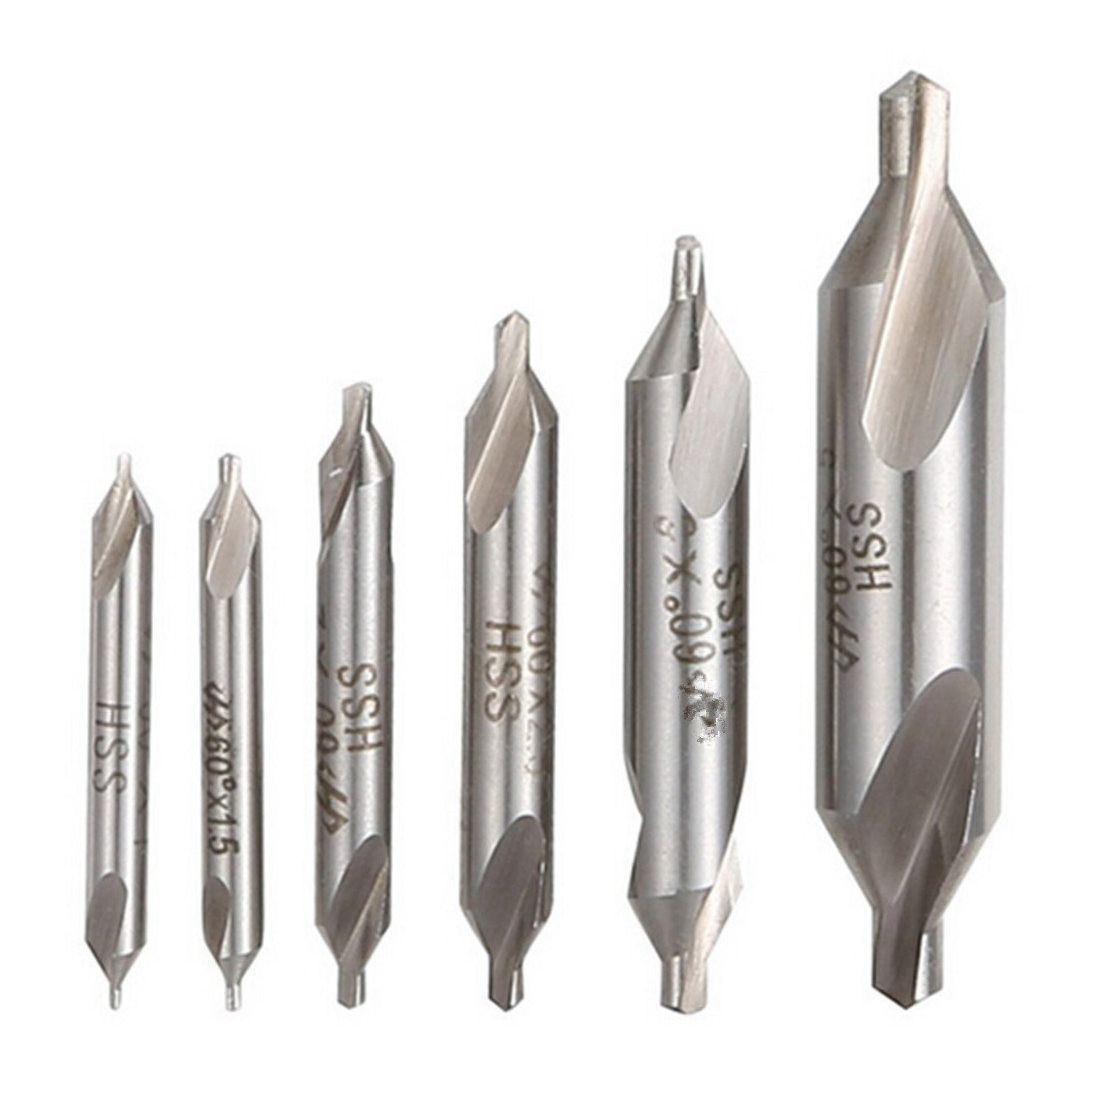 5 Pcs 3.0MM 60 Degree Bit HSS Combined Center Drills Countersinks Set Tool